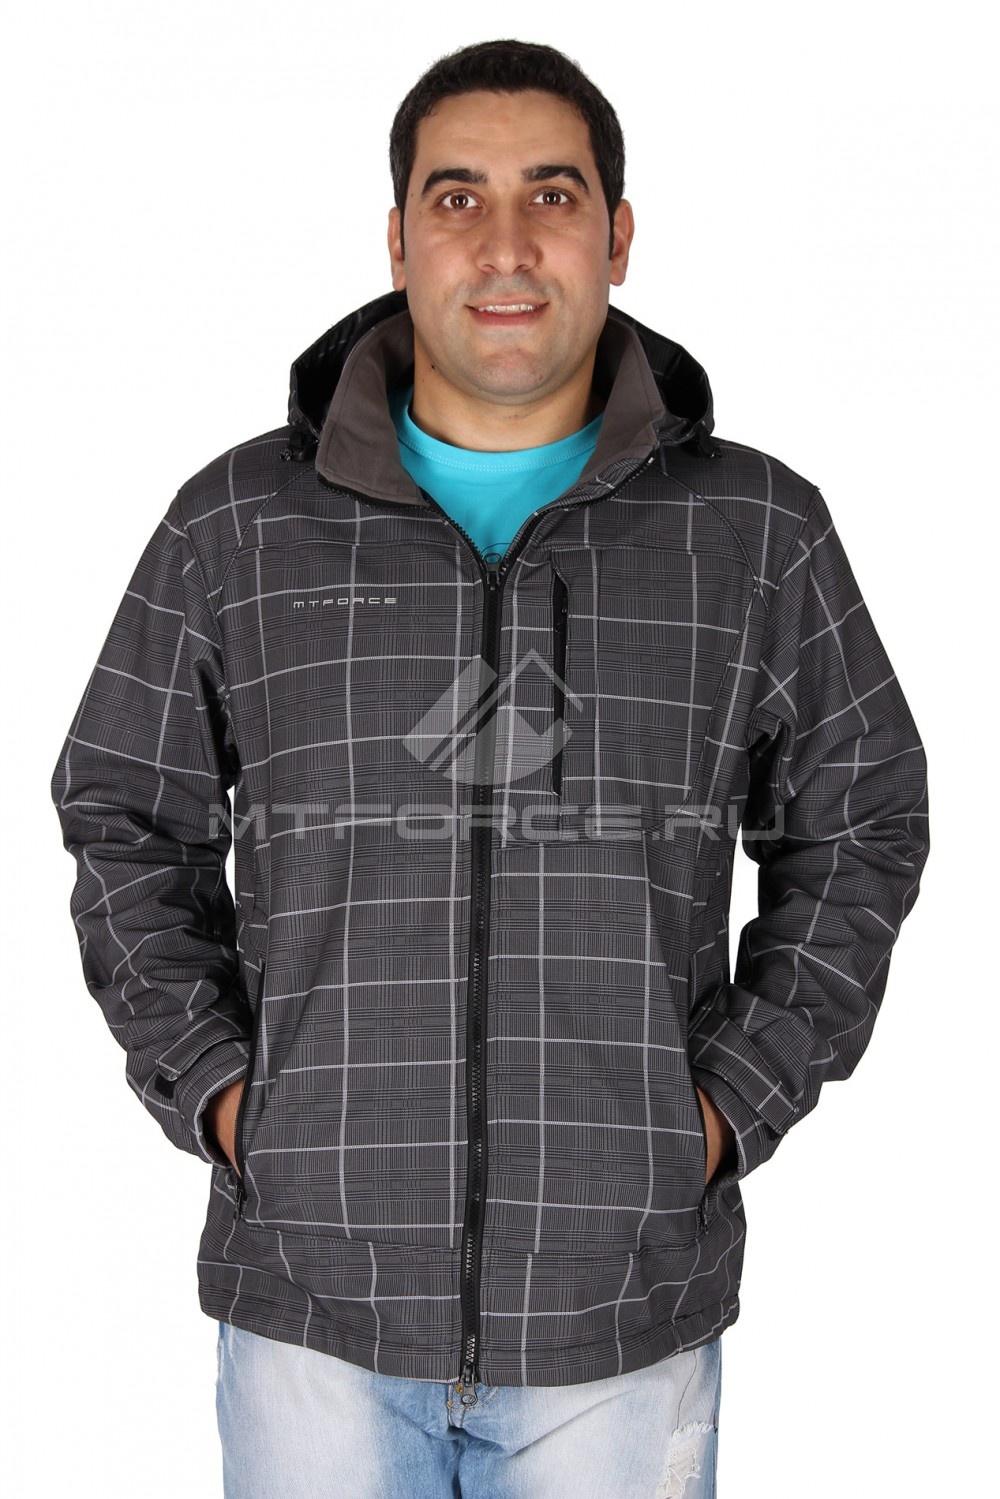 Купить                                  оптом Ветровка - виндстоппер мужская серый цвета 1636Sr-1 в Санкт-Петербурге